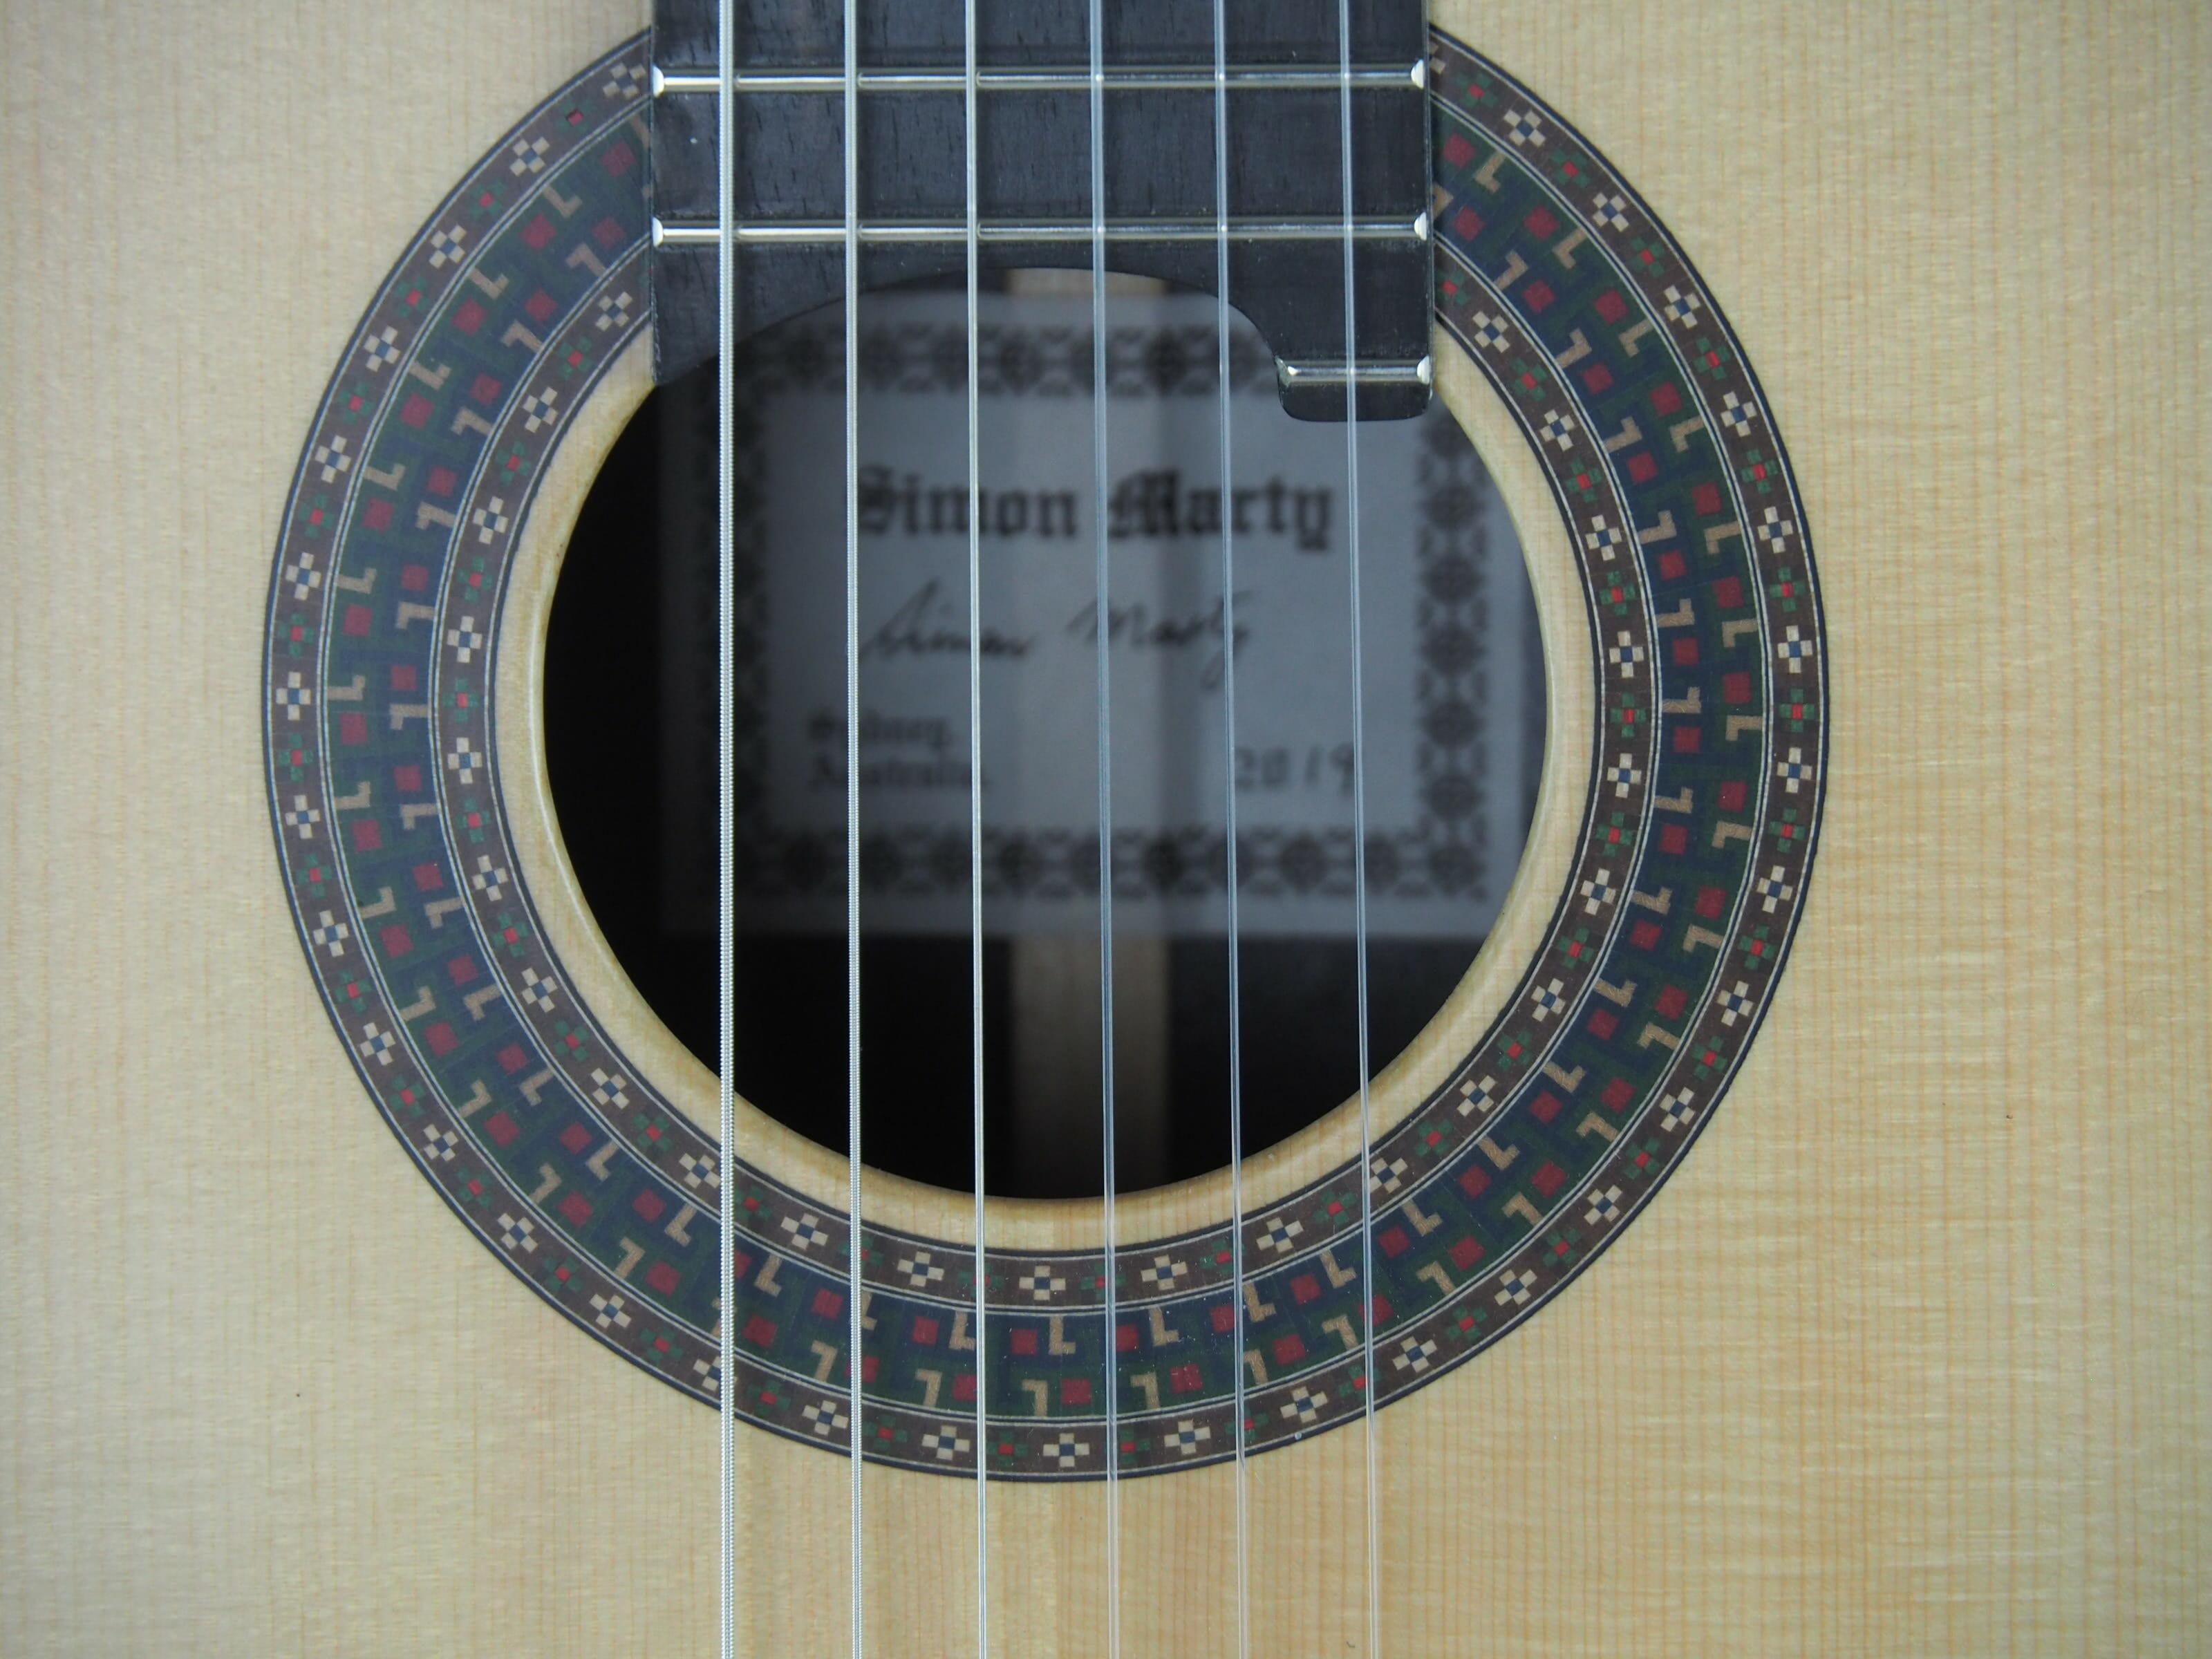 Luthier Simon Marty guitare classique 2019 19MAR019-08